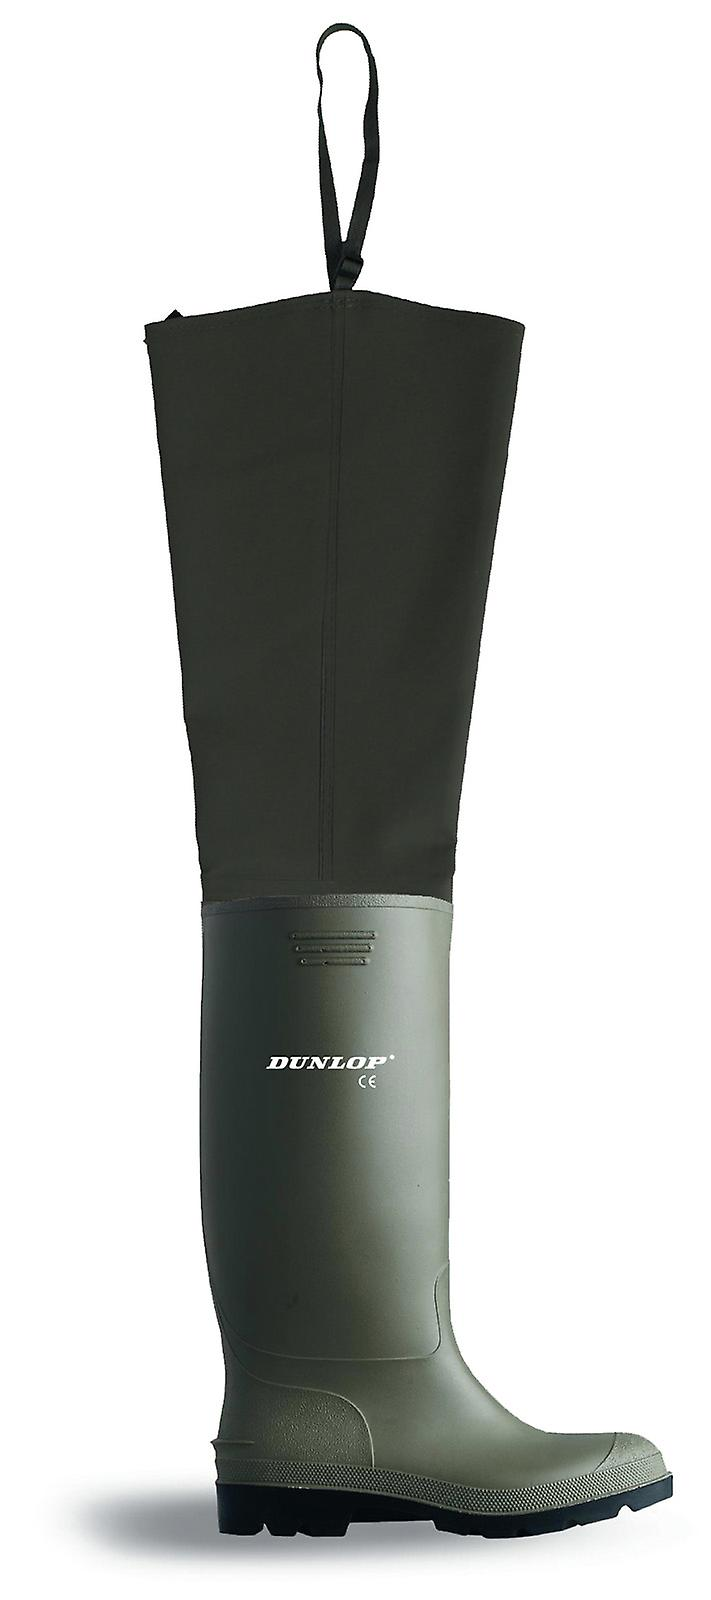 Ptwf Full Dunlop Safety Wader Pvc Green Thigh Dunlop q0Yata